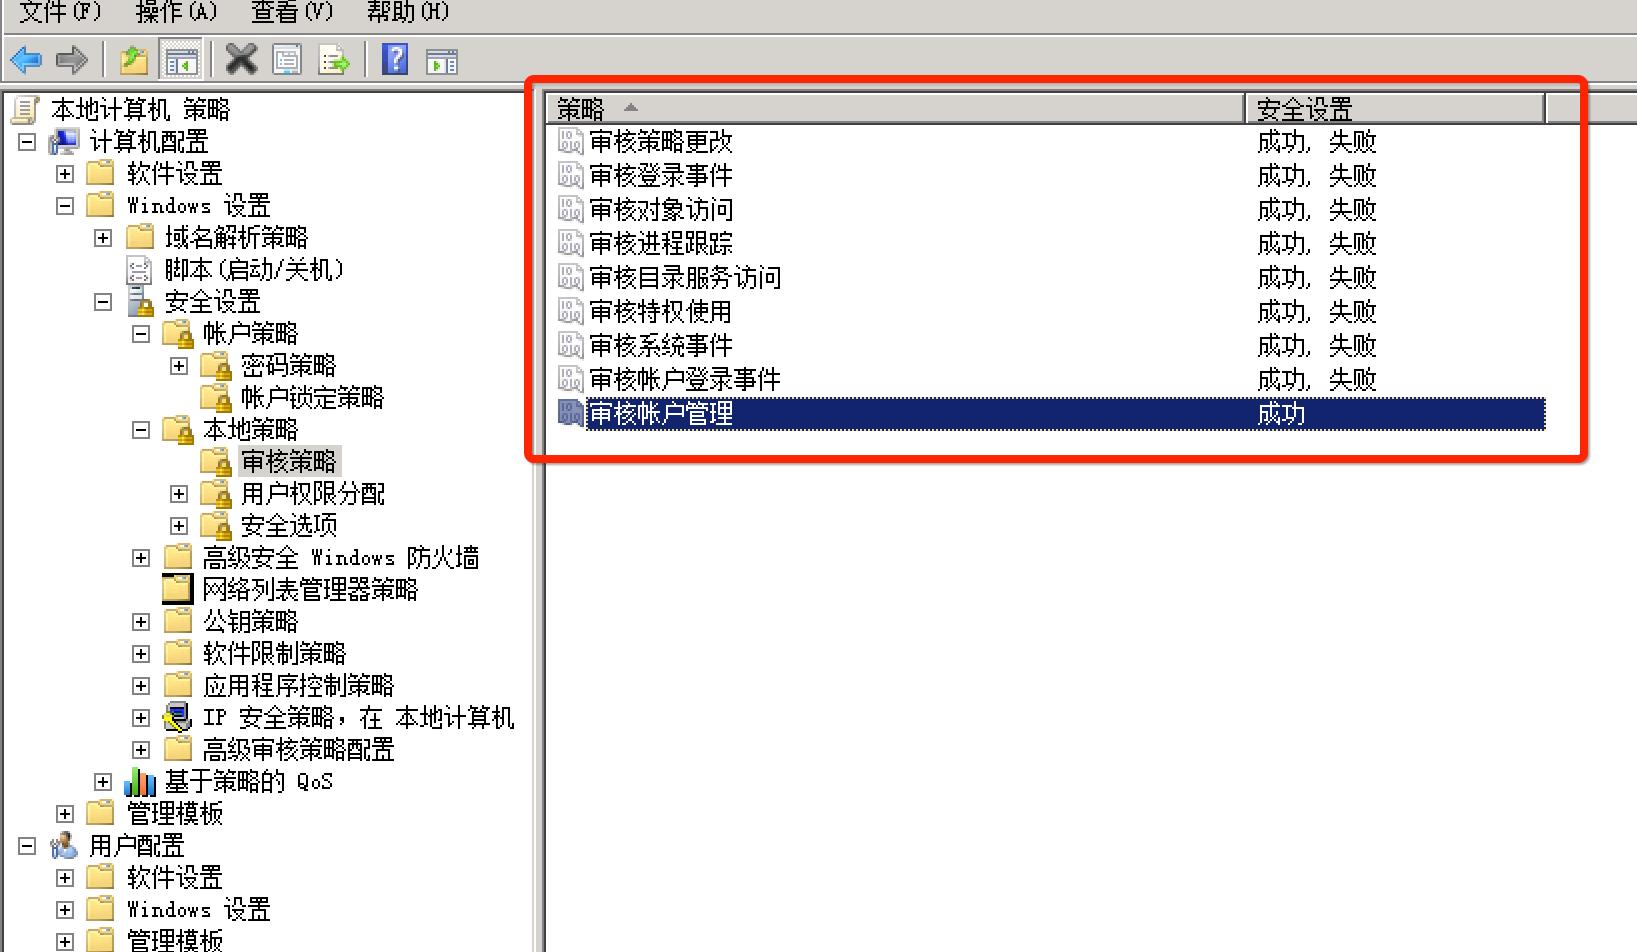 审核过程追踪访问